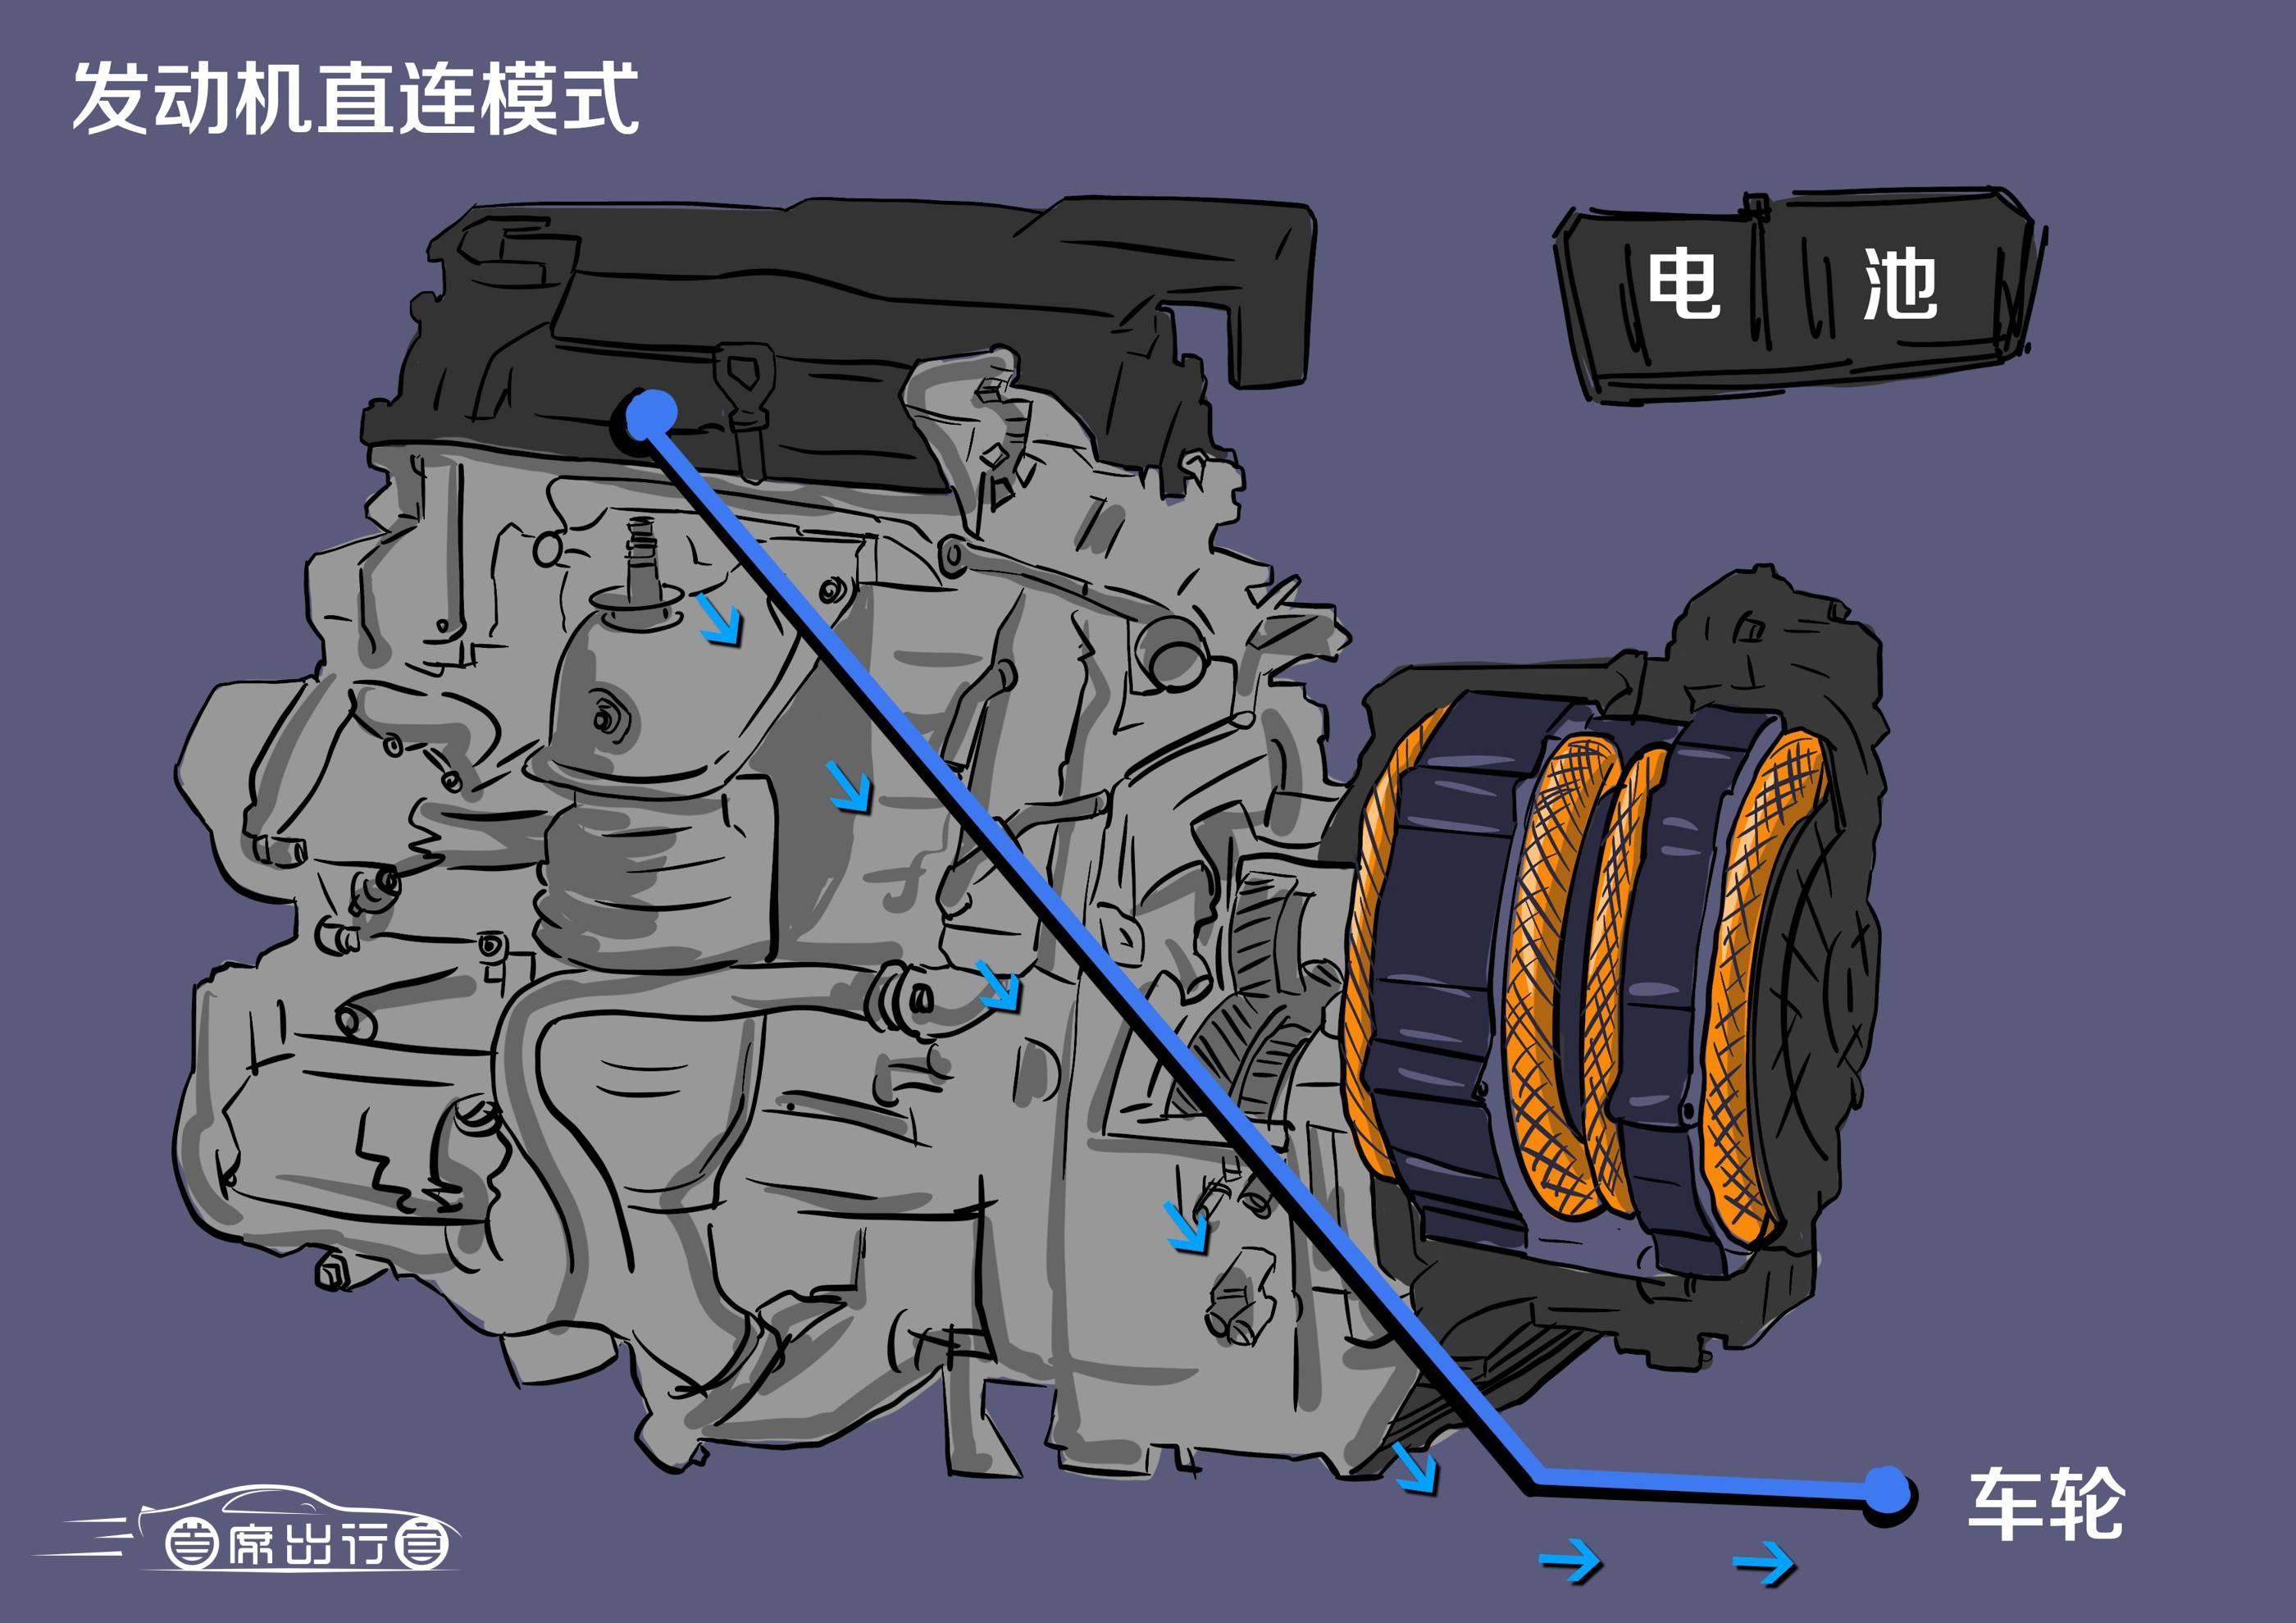 发动机直连模式动力分配示意图